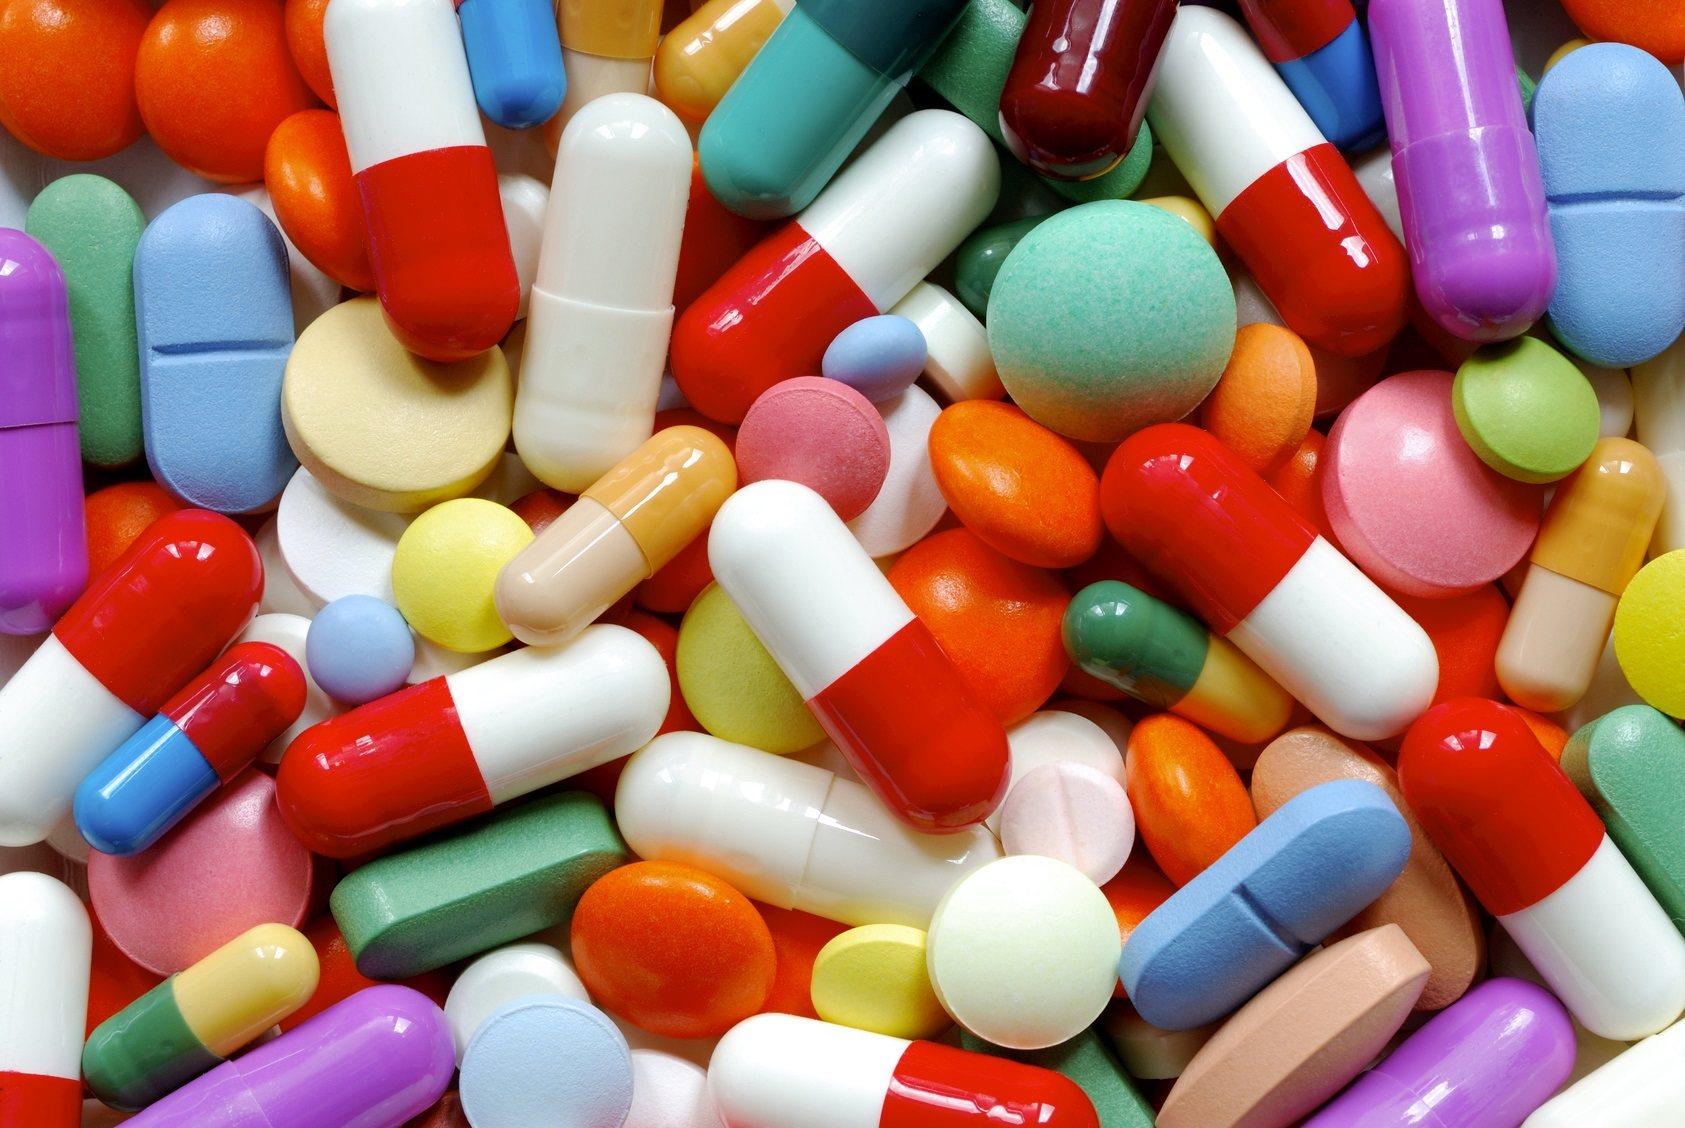 Escasean antibioticos en Comodoro Rivadavia